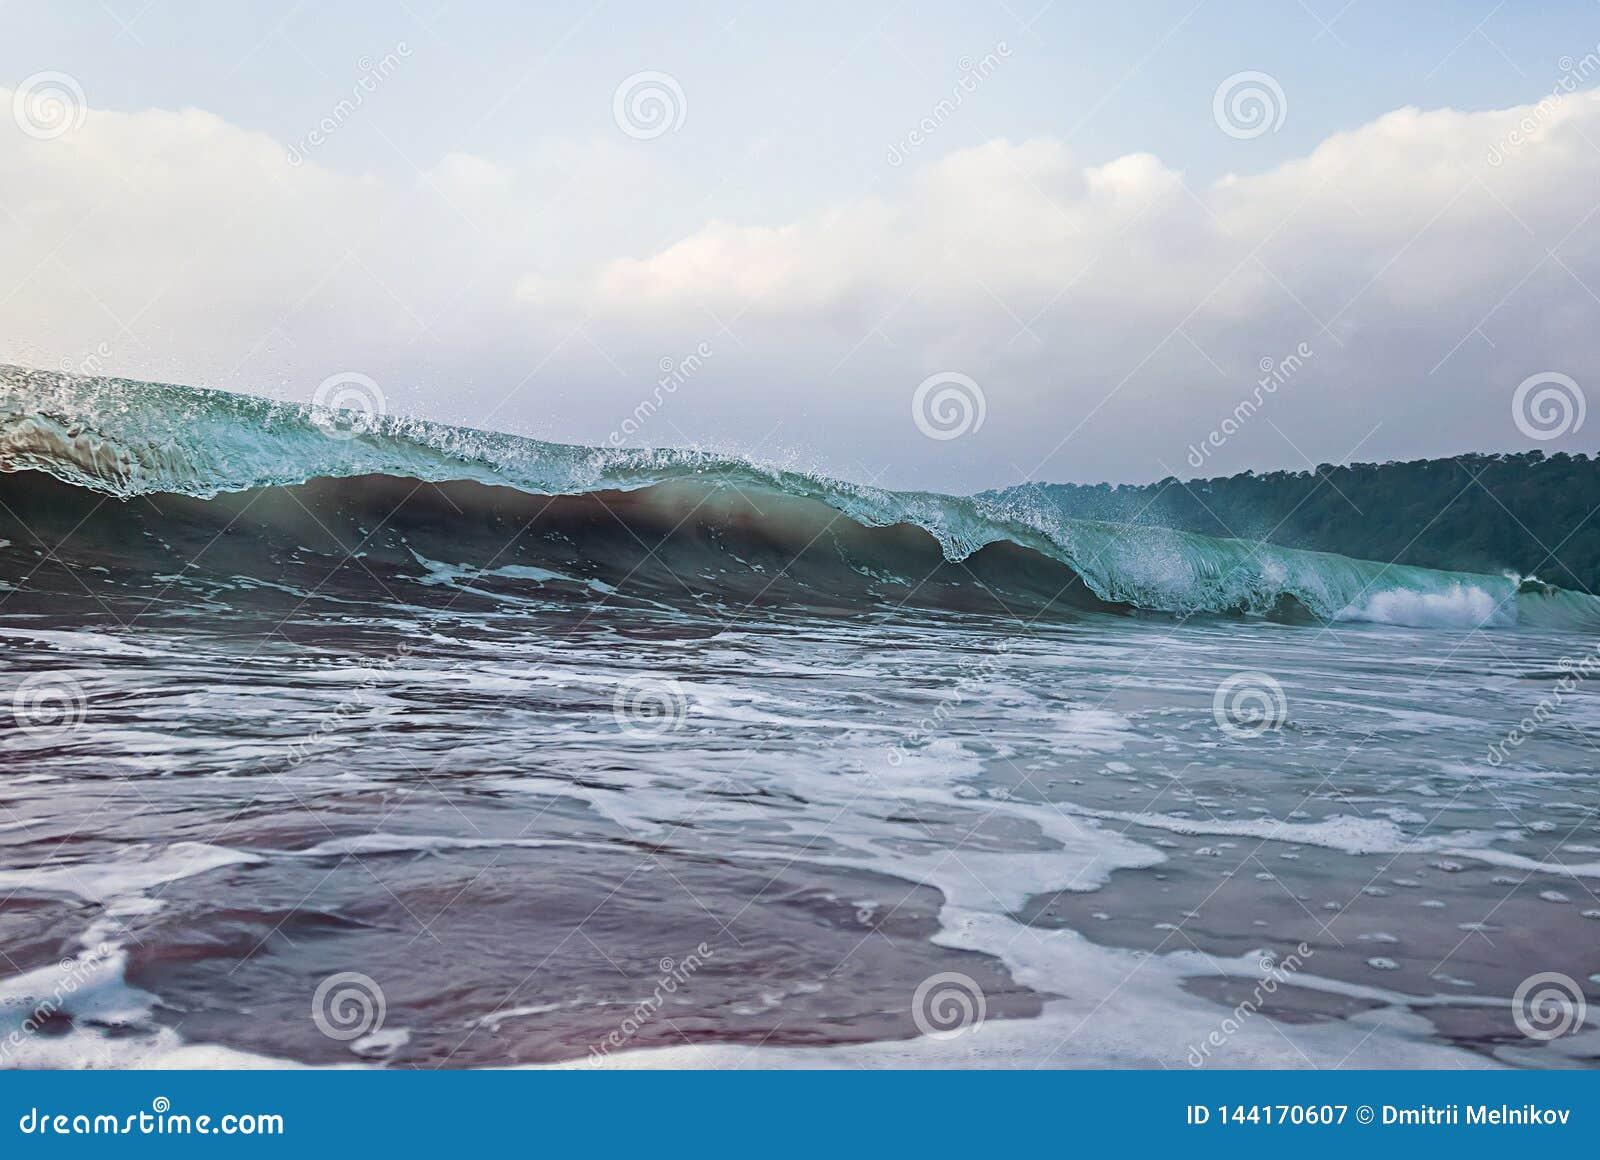 Wave Blue Crashing Detail Ocean wave cresting crashing rolling